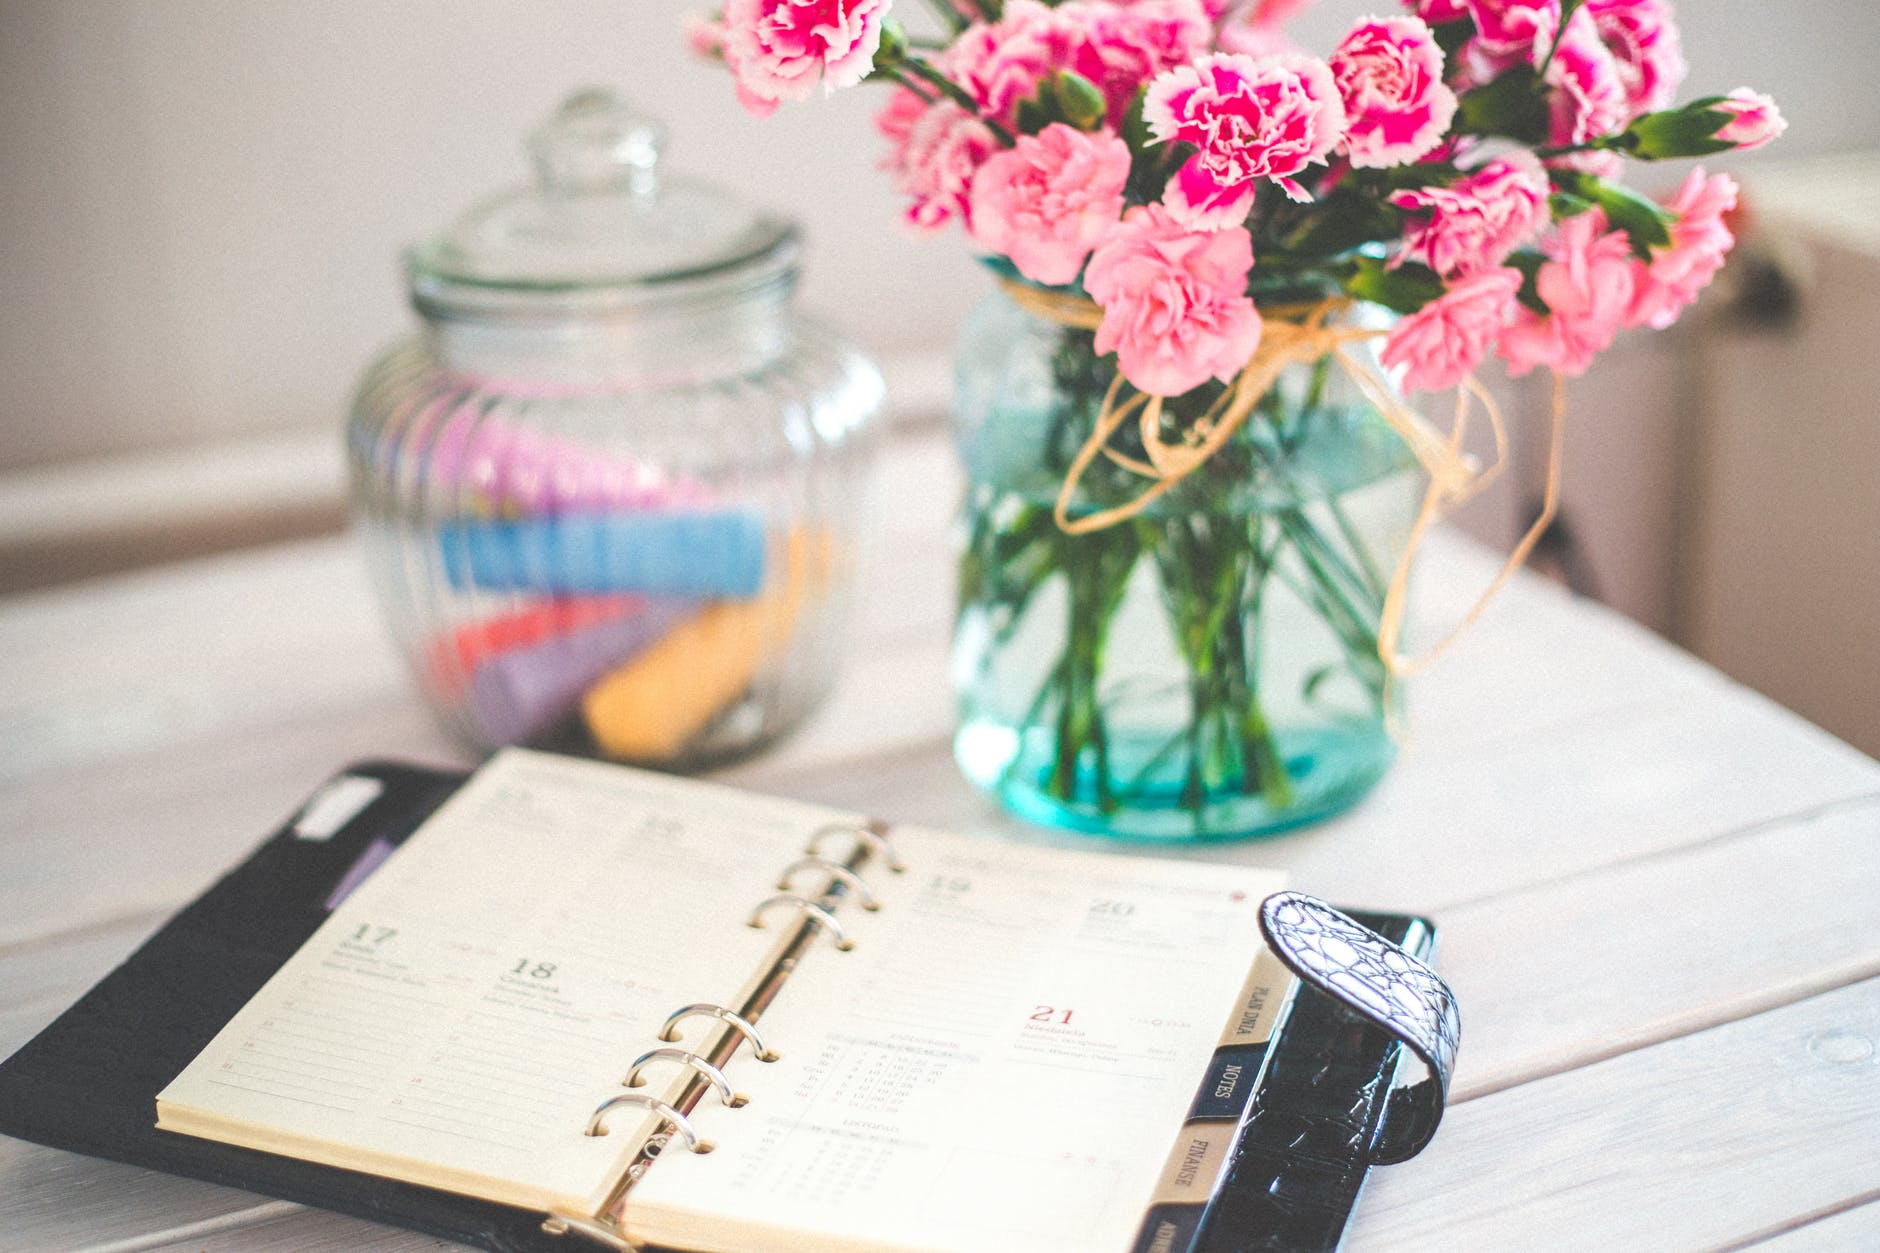 Un calendrier complet ne signifie pas nécessairement une vie bien remplie